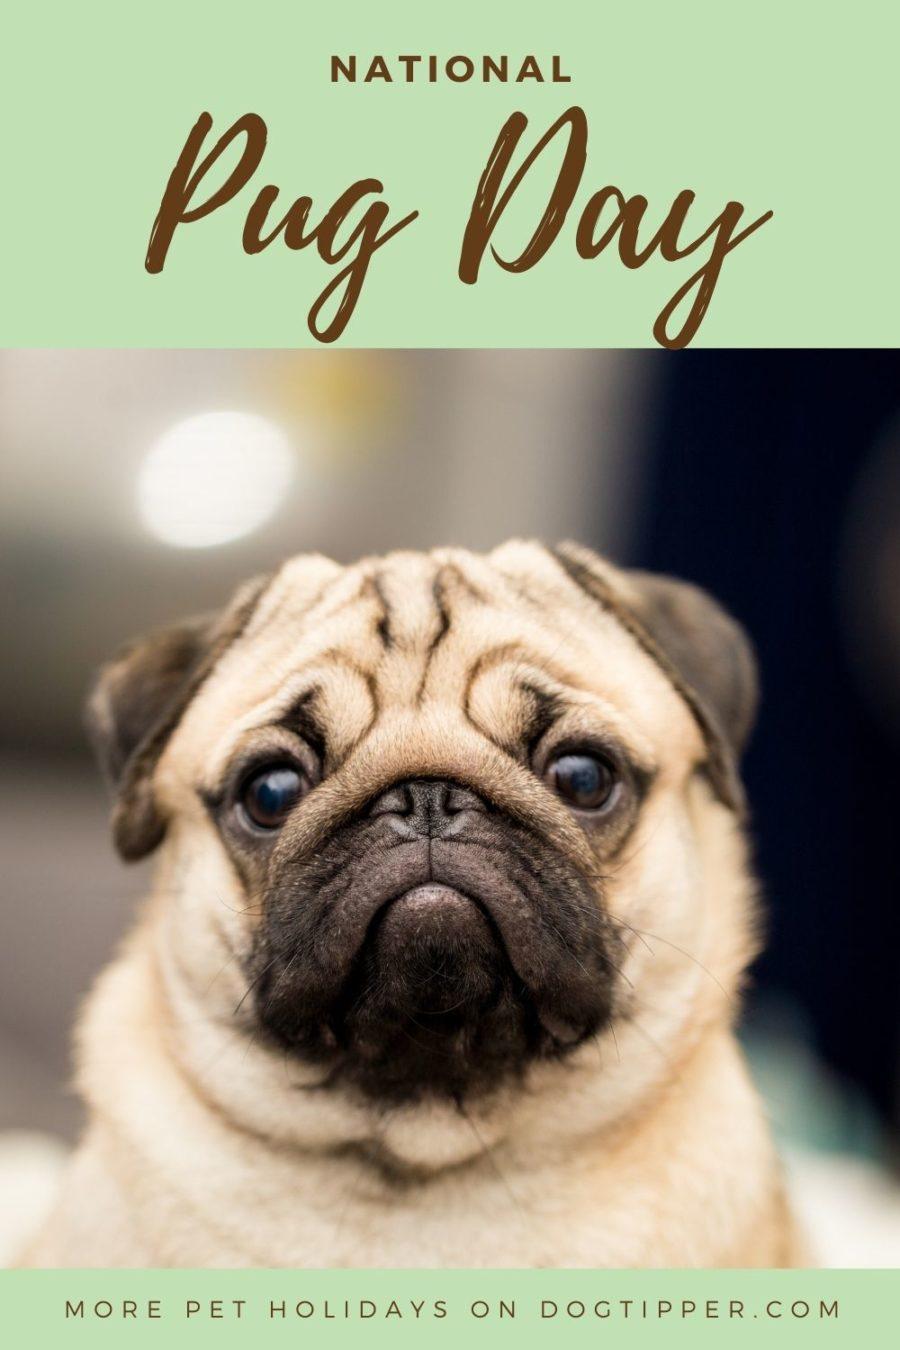 National Pug Day